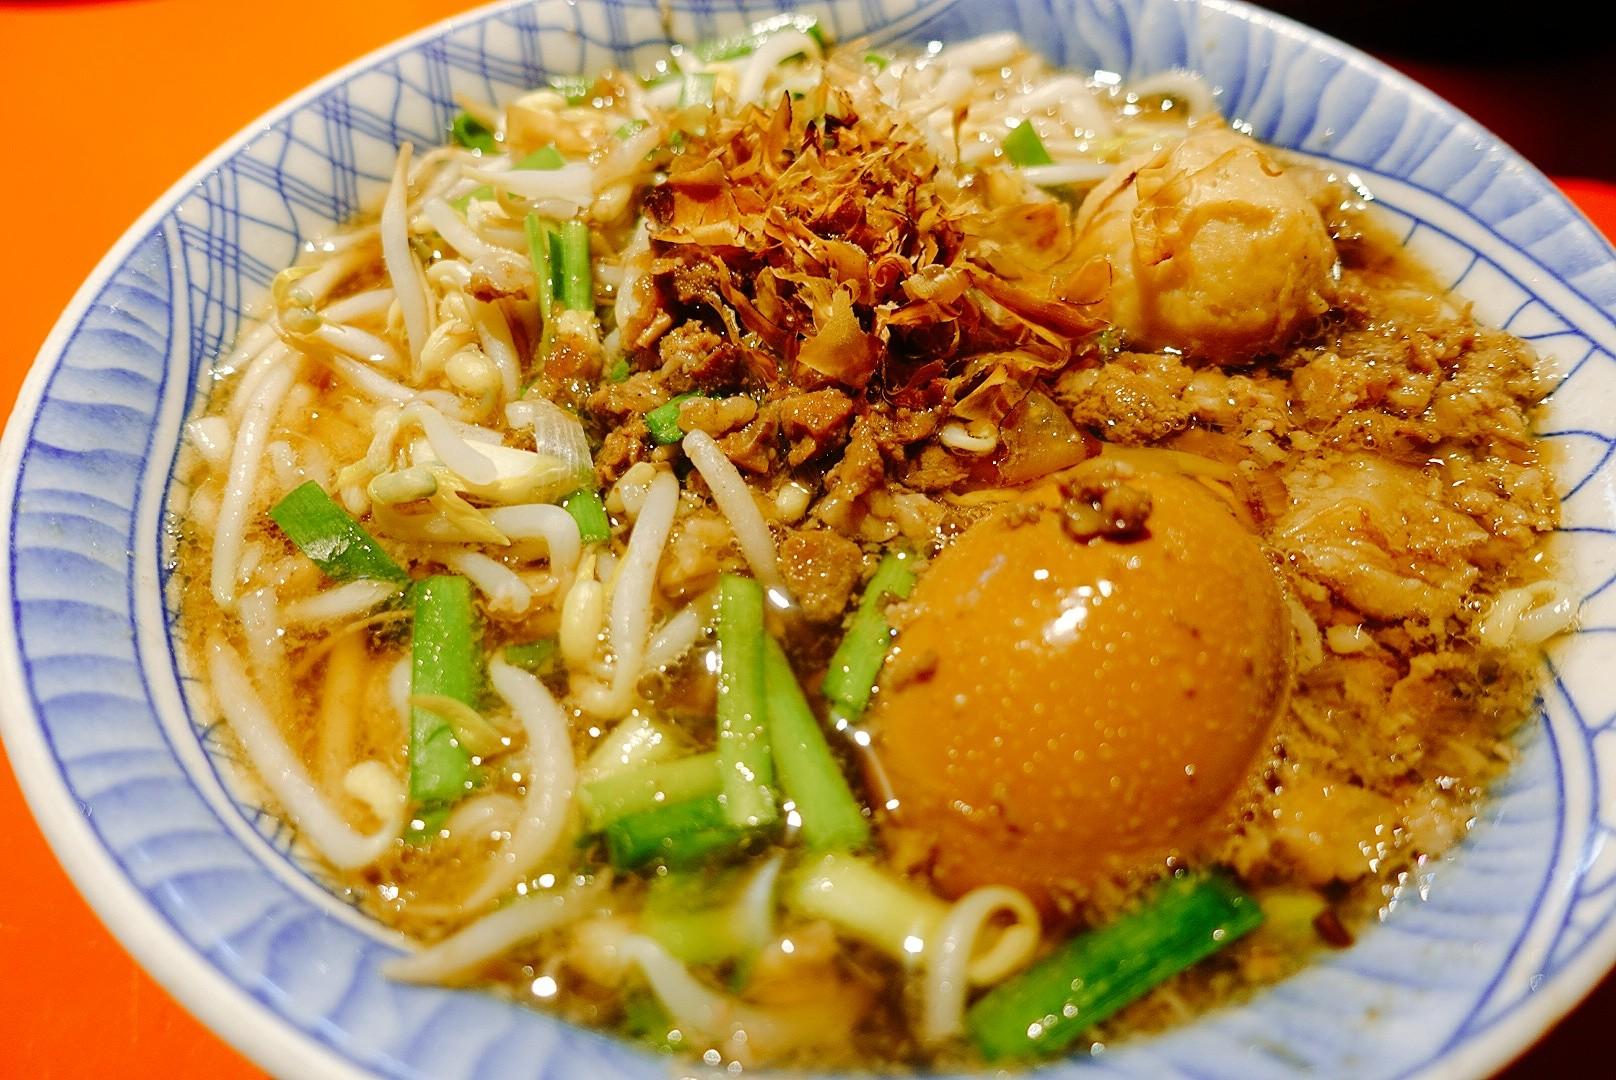 【台東市區】榕樹下米苔目|米苔目Q彈帶勁,超人氣在地特色小吃